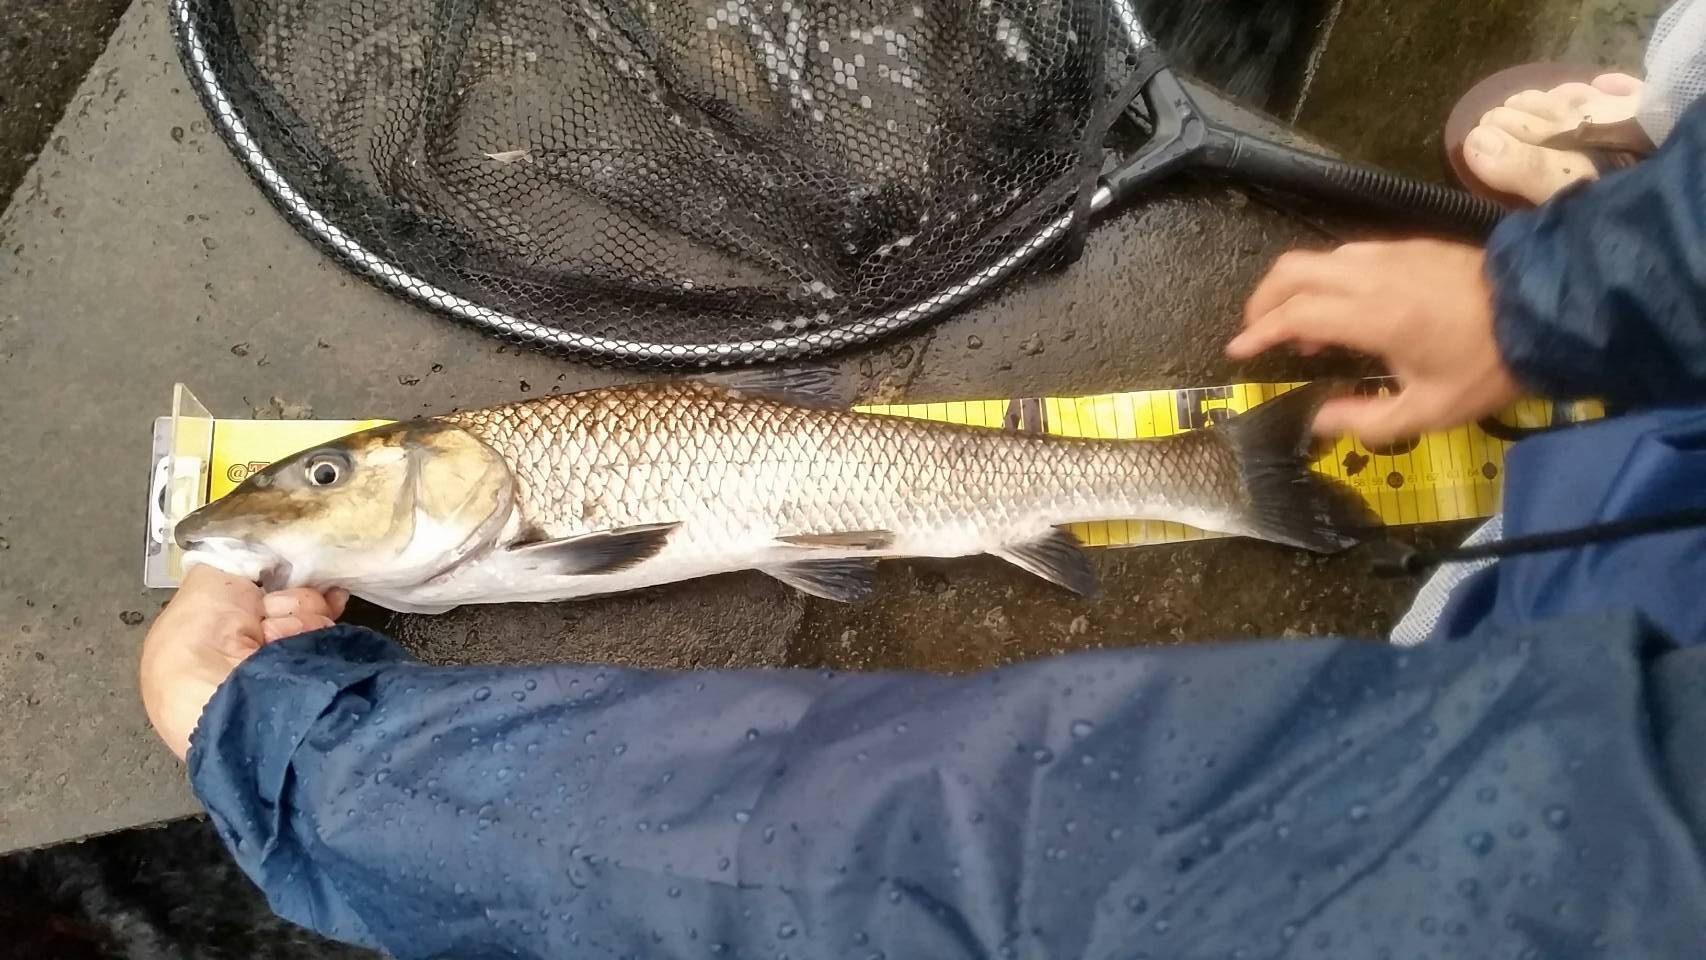 ブラックバス釣りに行ったら、60センチぐらいのニゴイが釣れた